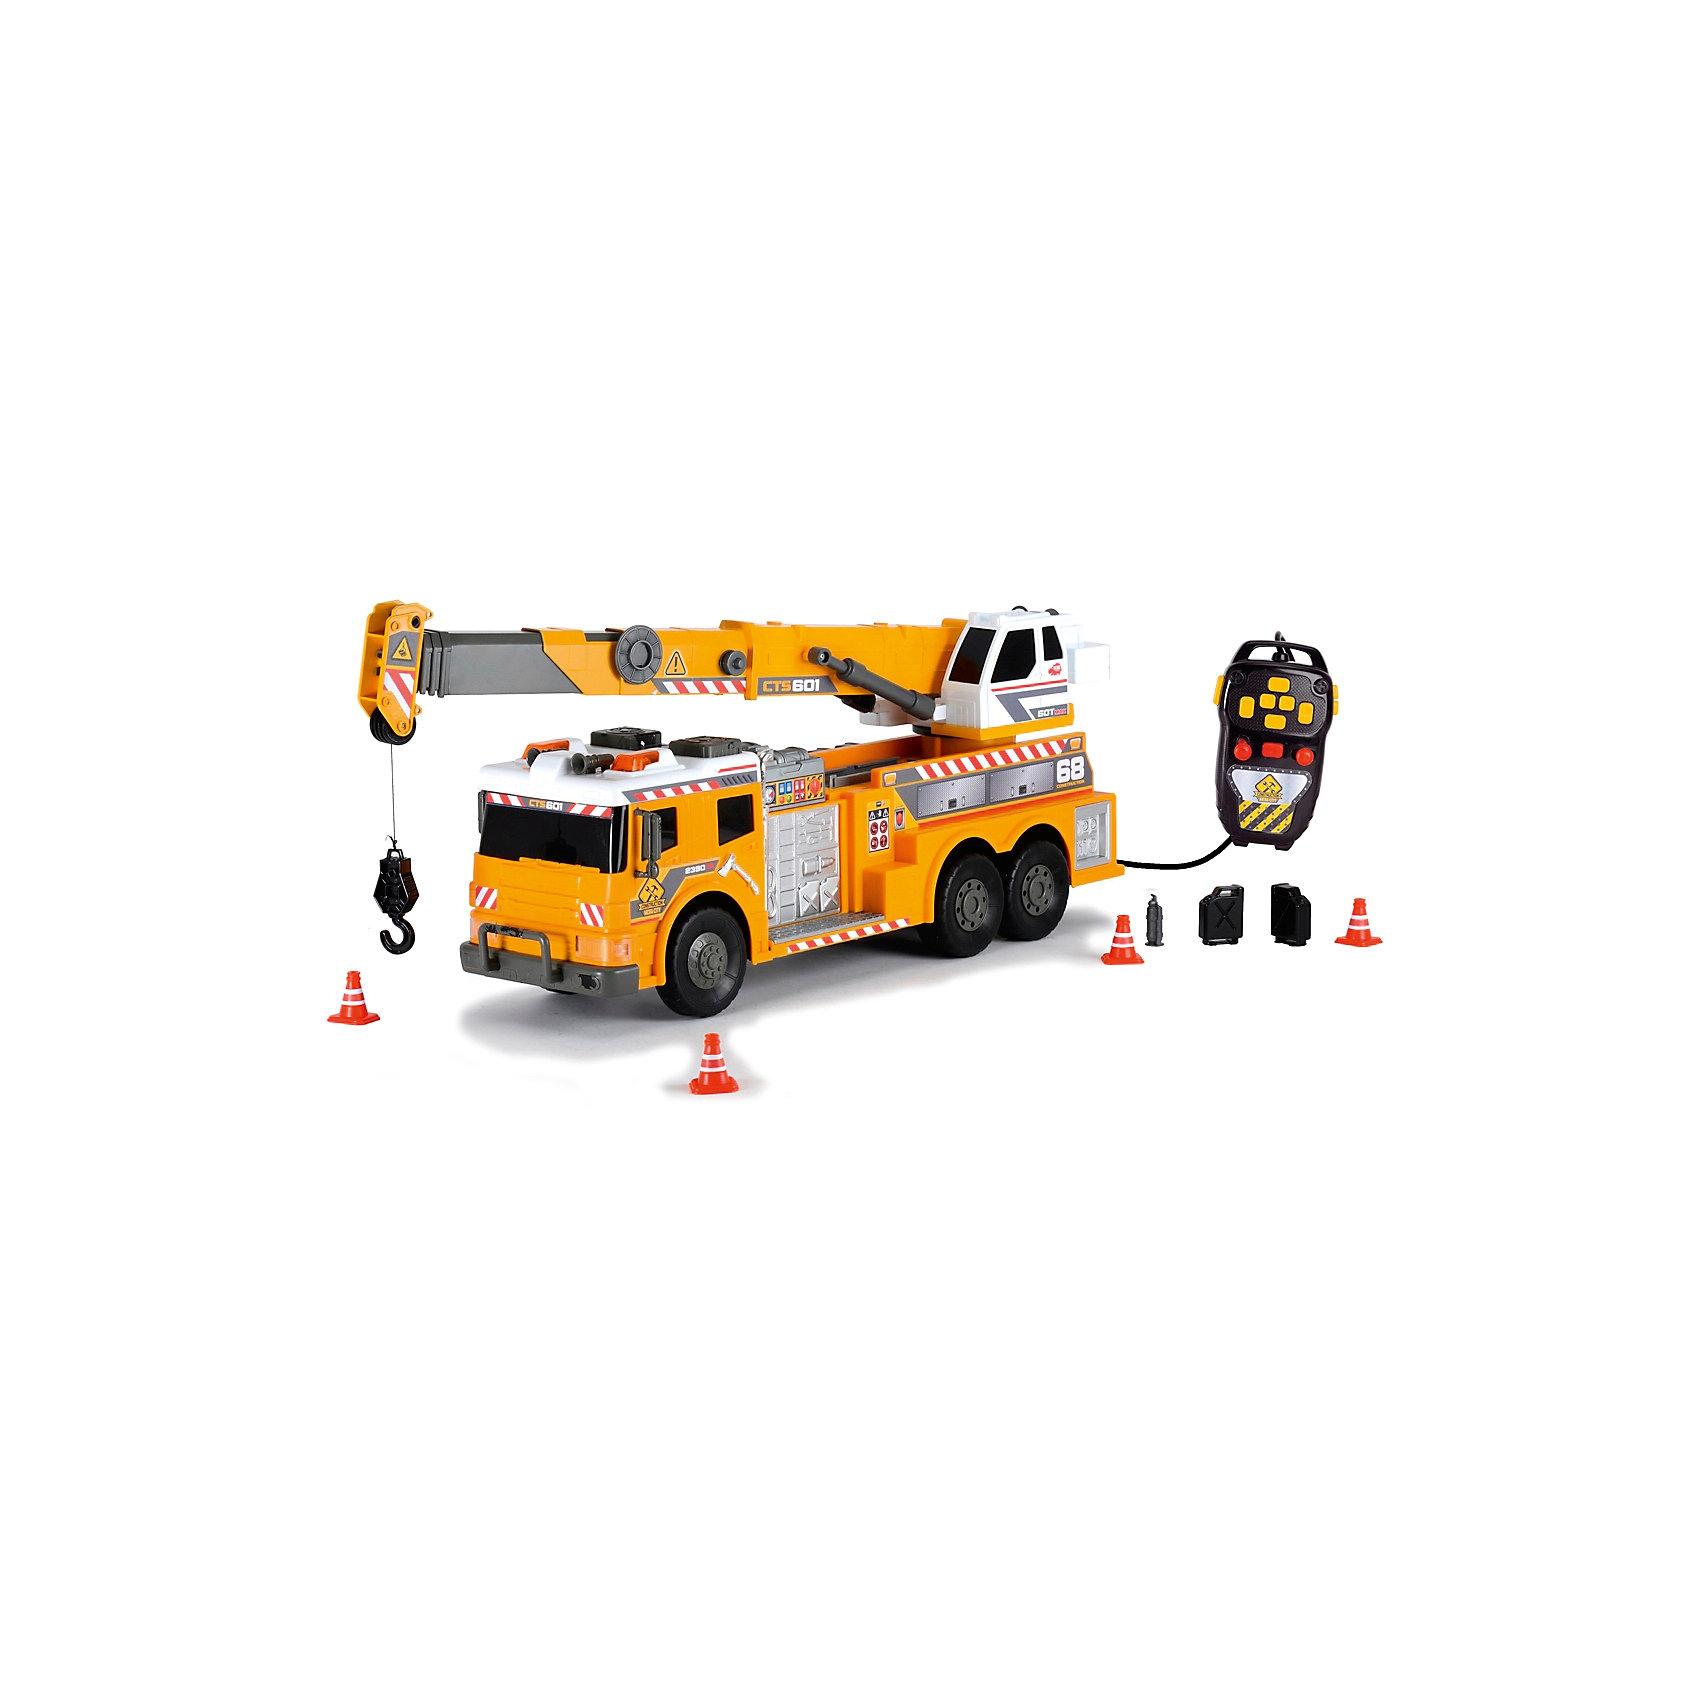 Машинка с подъемным краном на д/у, 62 см, Dickie ToysИгровые наборы<br>Характеристики:<br><br>• длина автомобиля: 62 см;<br>• световые и звуковые эффекты;<br>• дистанционное управление;<br>• подвижные элементы;<br>• аксессуары: 4 конуса, 2 канистры, огнетушитель;<br>• размер упаковки: 70х26х18 см;<br>• вес: 1 кг.<br><br>Стрела крана поднимается и опускается, платформа поворачивается. Пульт управления позволяет приводить кран в движение. Вытягивается крюк на веревке. Машина на свободном ходу. Батарейки входят в комплект набора, 2 шт. типа АА.<br><br>Машинку с подъемным краном на д/у, 62 см, Dickie Toys можно купить в нашем магазине.<br><br>Ширина мм: 180<br>Глубина мм: 279<br>Высота мм: 738<br>Вес г: 2590<br>Возраст от месяцев: 36<br>Возраст до месяцев: 120<br>Пол: Мужской<br>Возраст: Детский<br>SKU: 5258958